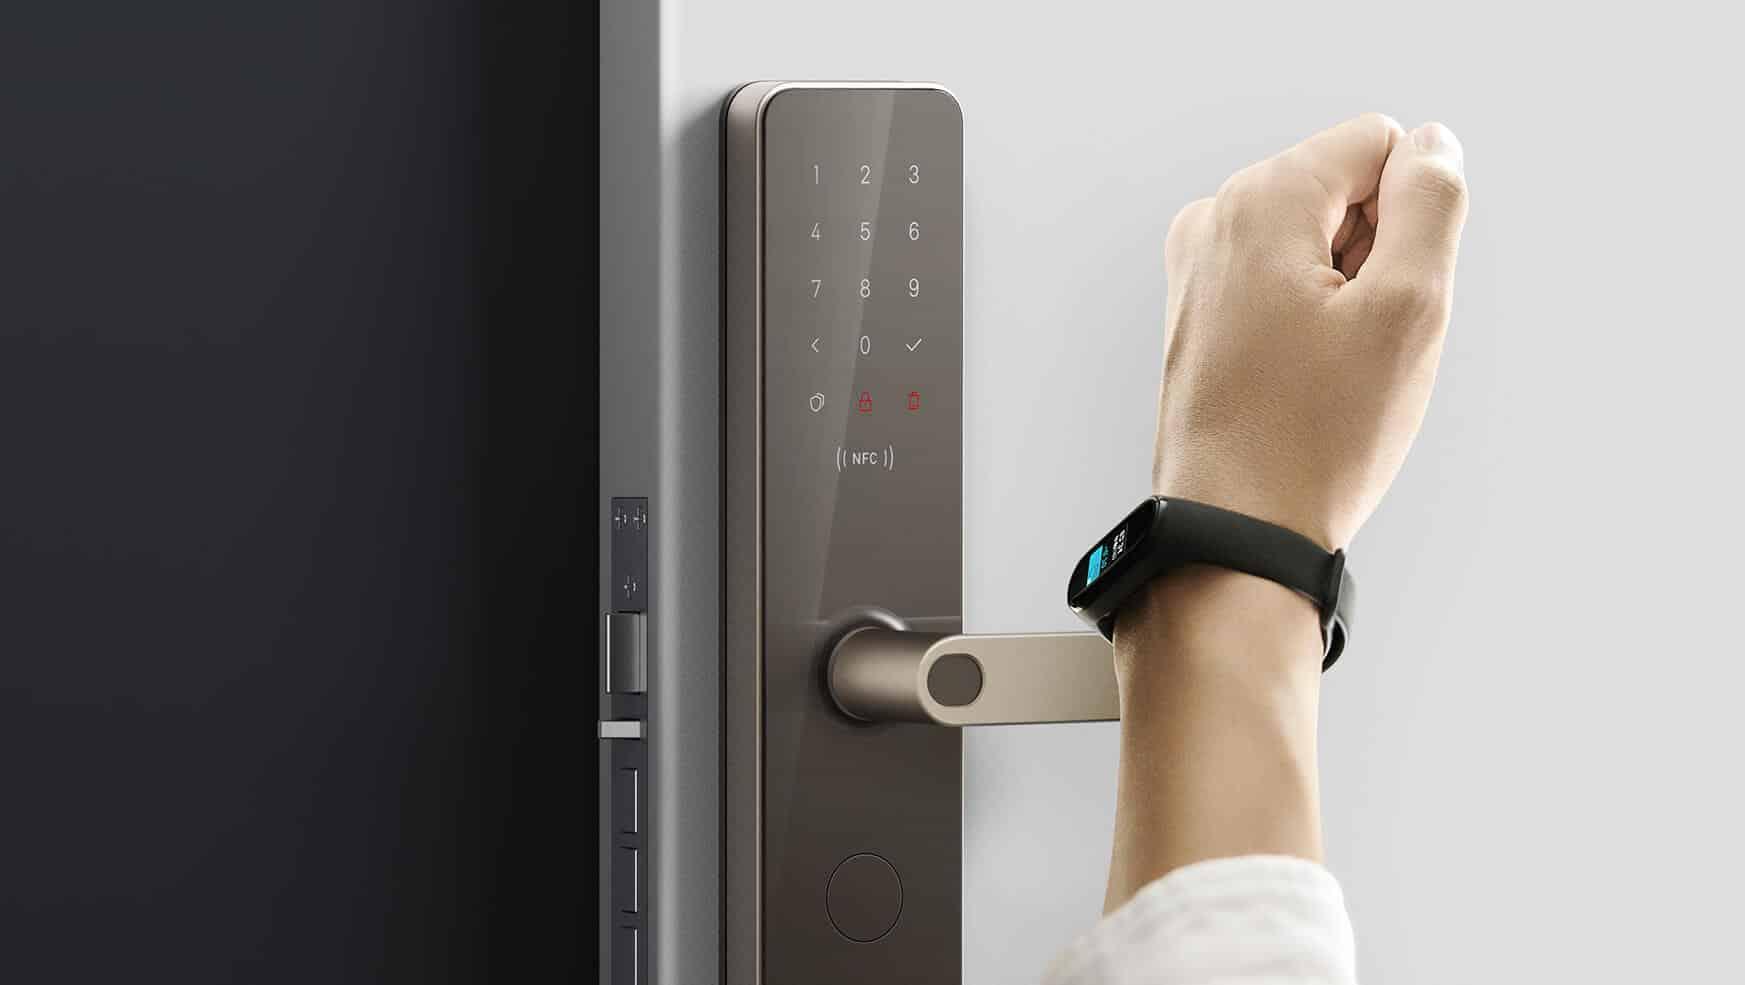 smart door locks with NFC and a fingerprint sensor